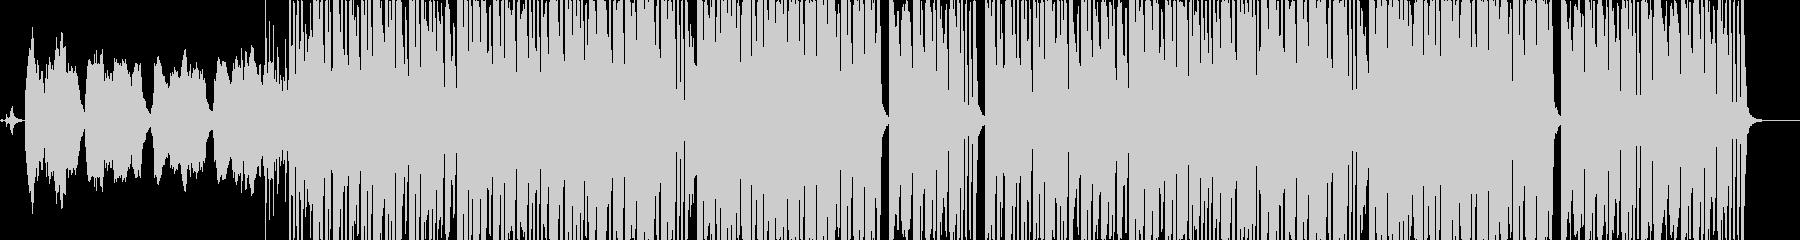 ❸アルプスの山々をのぞむスイス的なBGMの未再生の波形